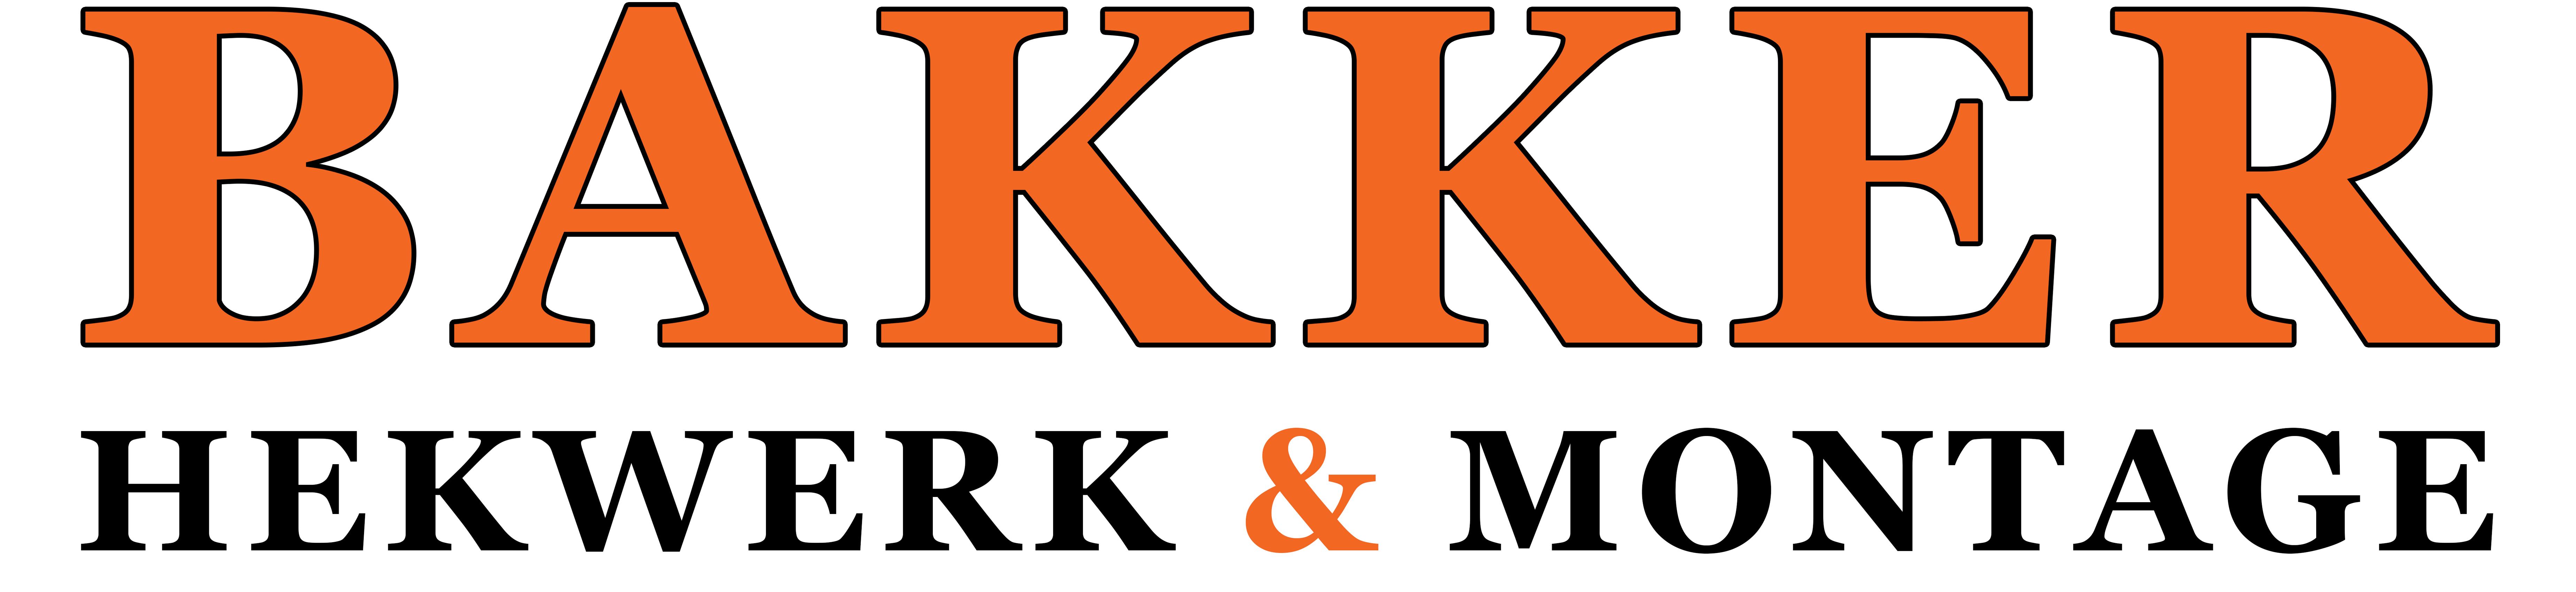 BAKKER HEKWERK & MONTAGE